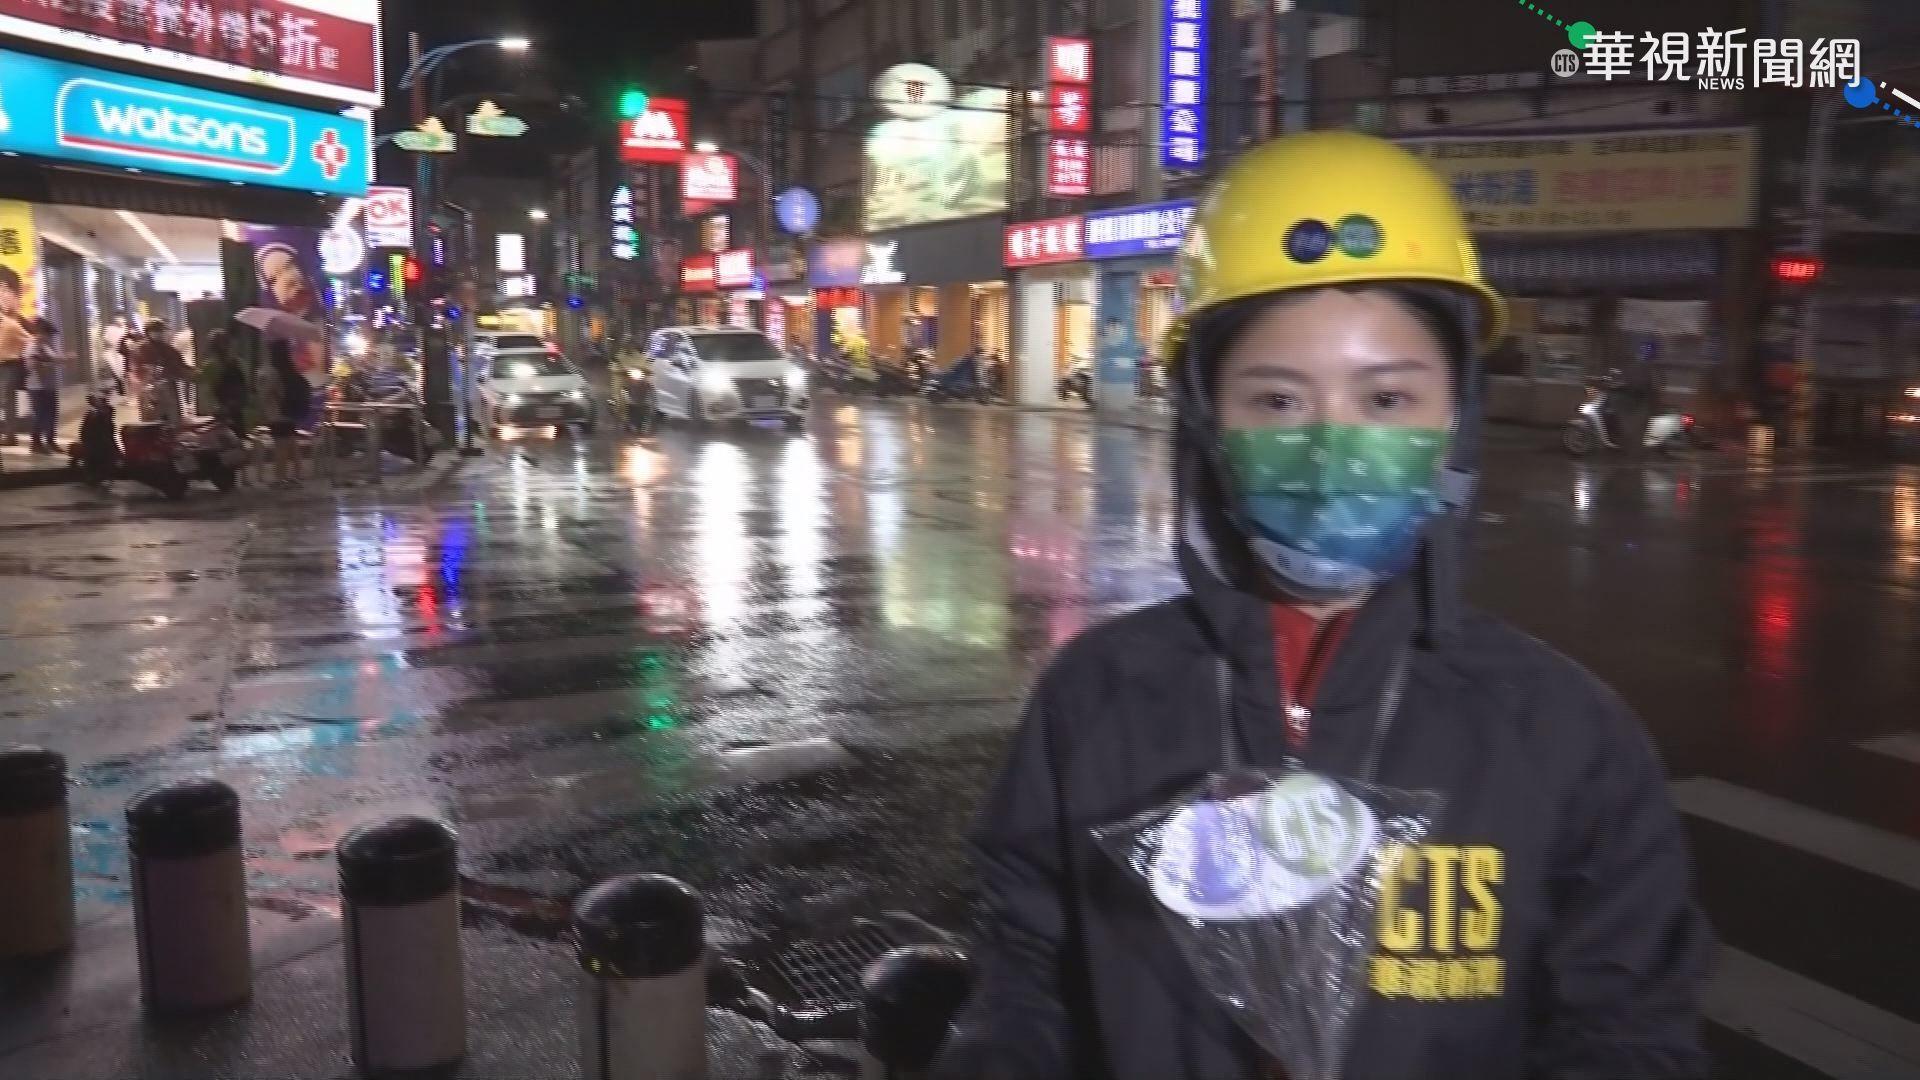 璨樹颱風來勢洶洶 宜蘭雨勢增遊客減